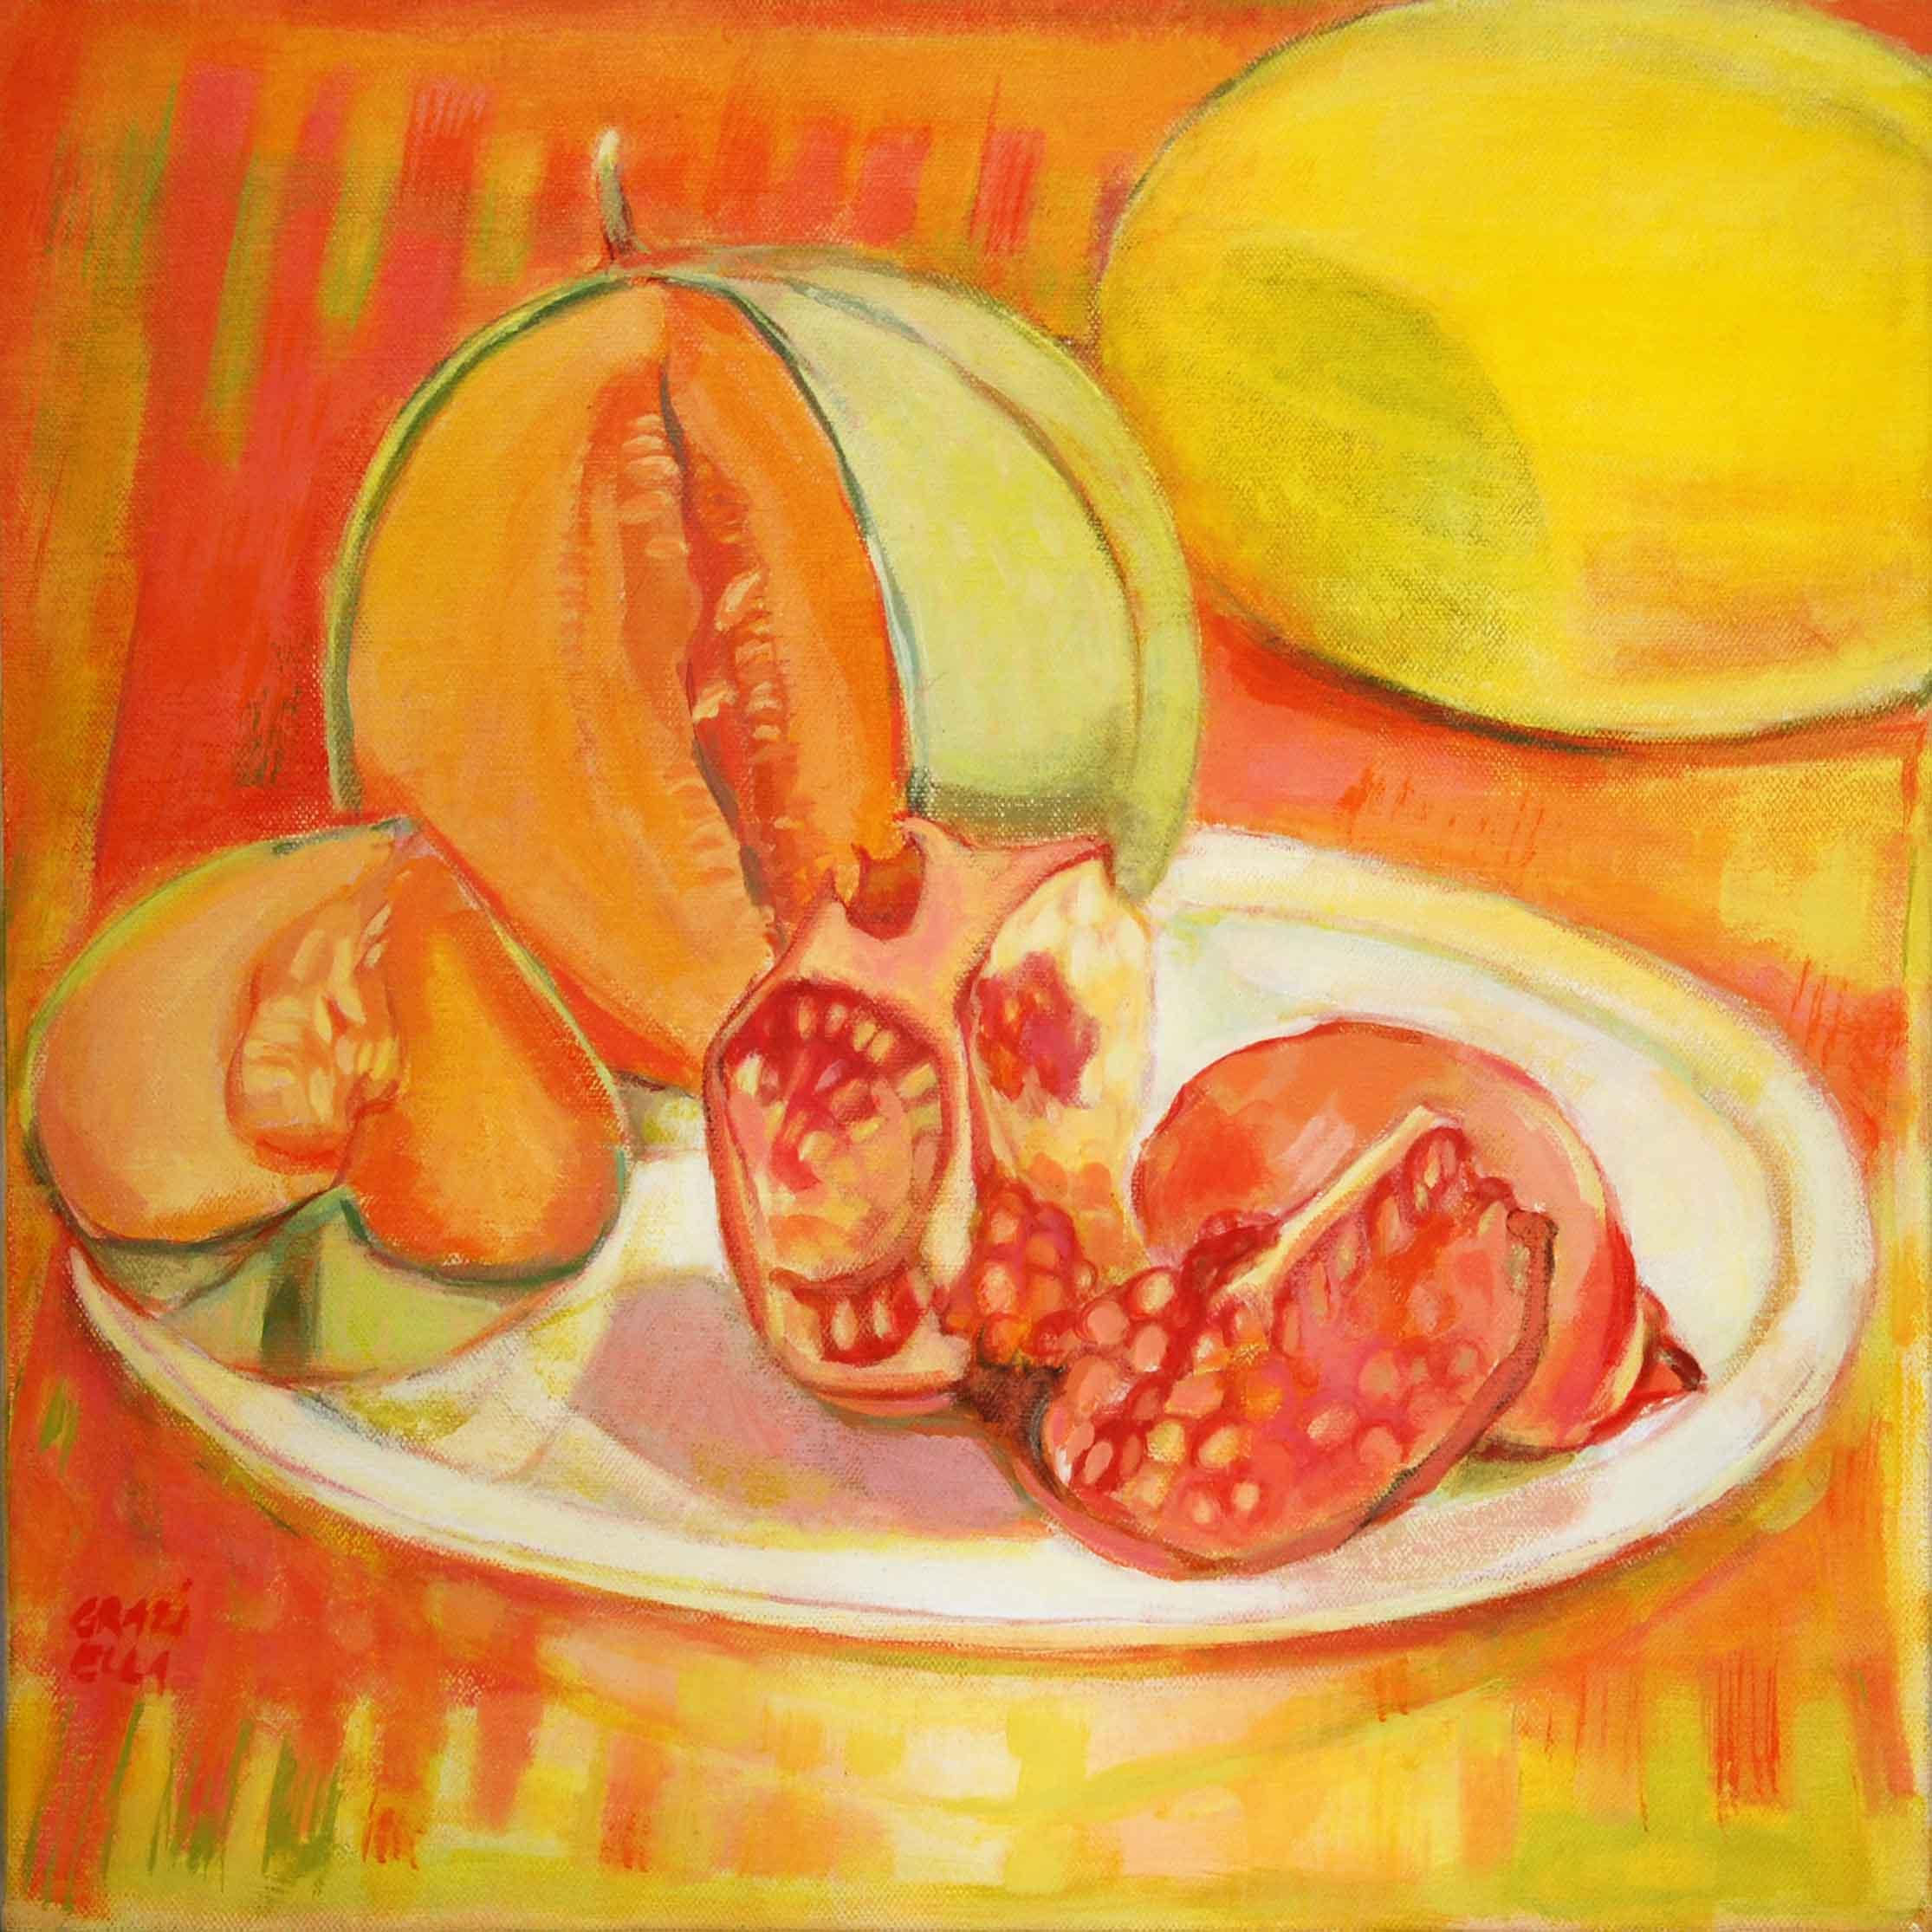 Melon et grenades